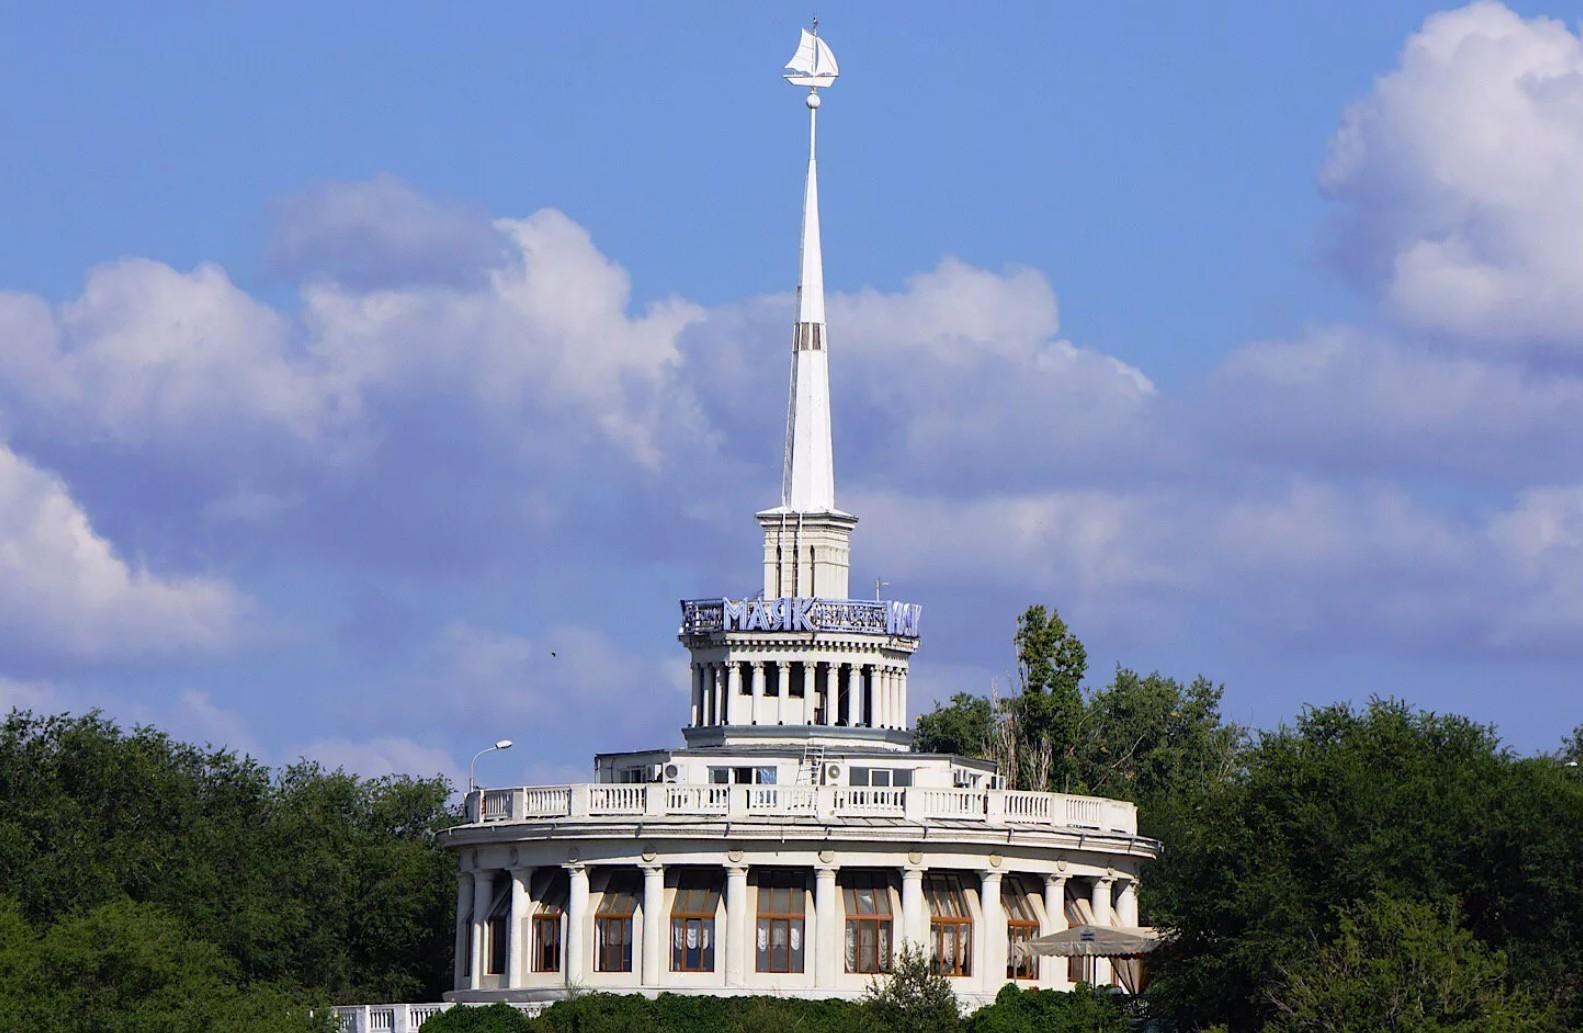 Бар-ресторан Маяк — культовое место в городе-герое Волгограде. Адрес и телефон.